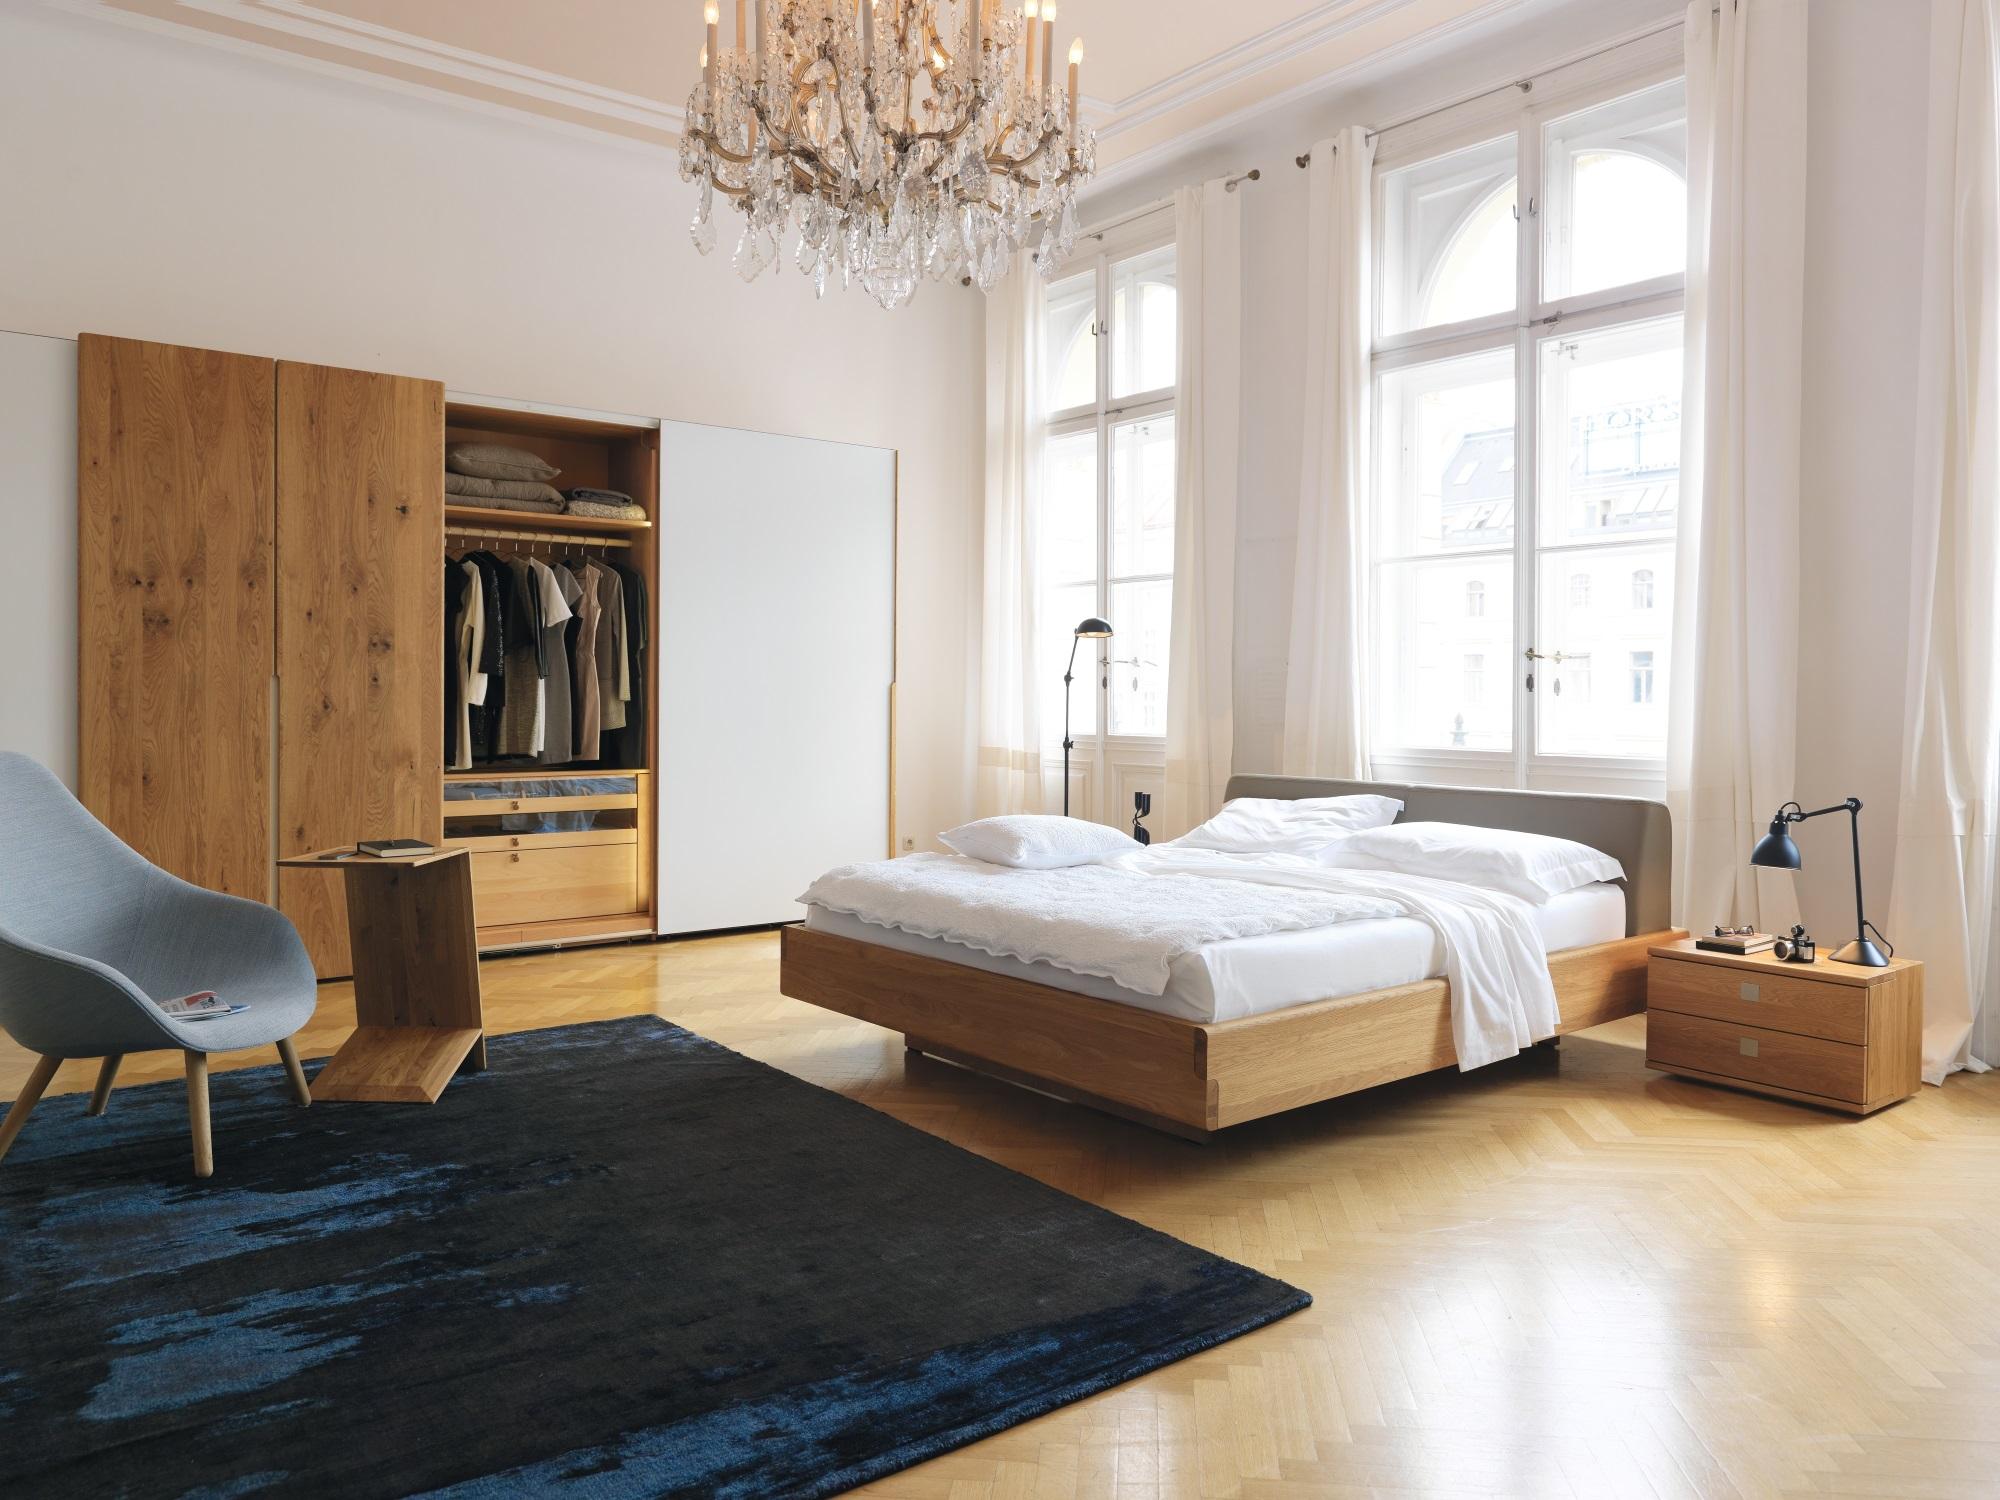 Schlafzimmer Komplett In Koln Kinderzimmer Gunstig Haus Dekoration